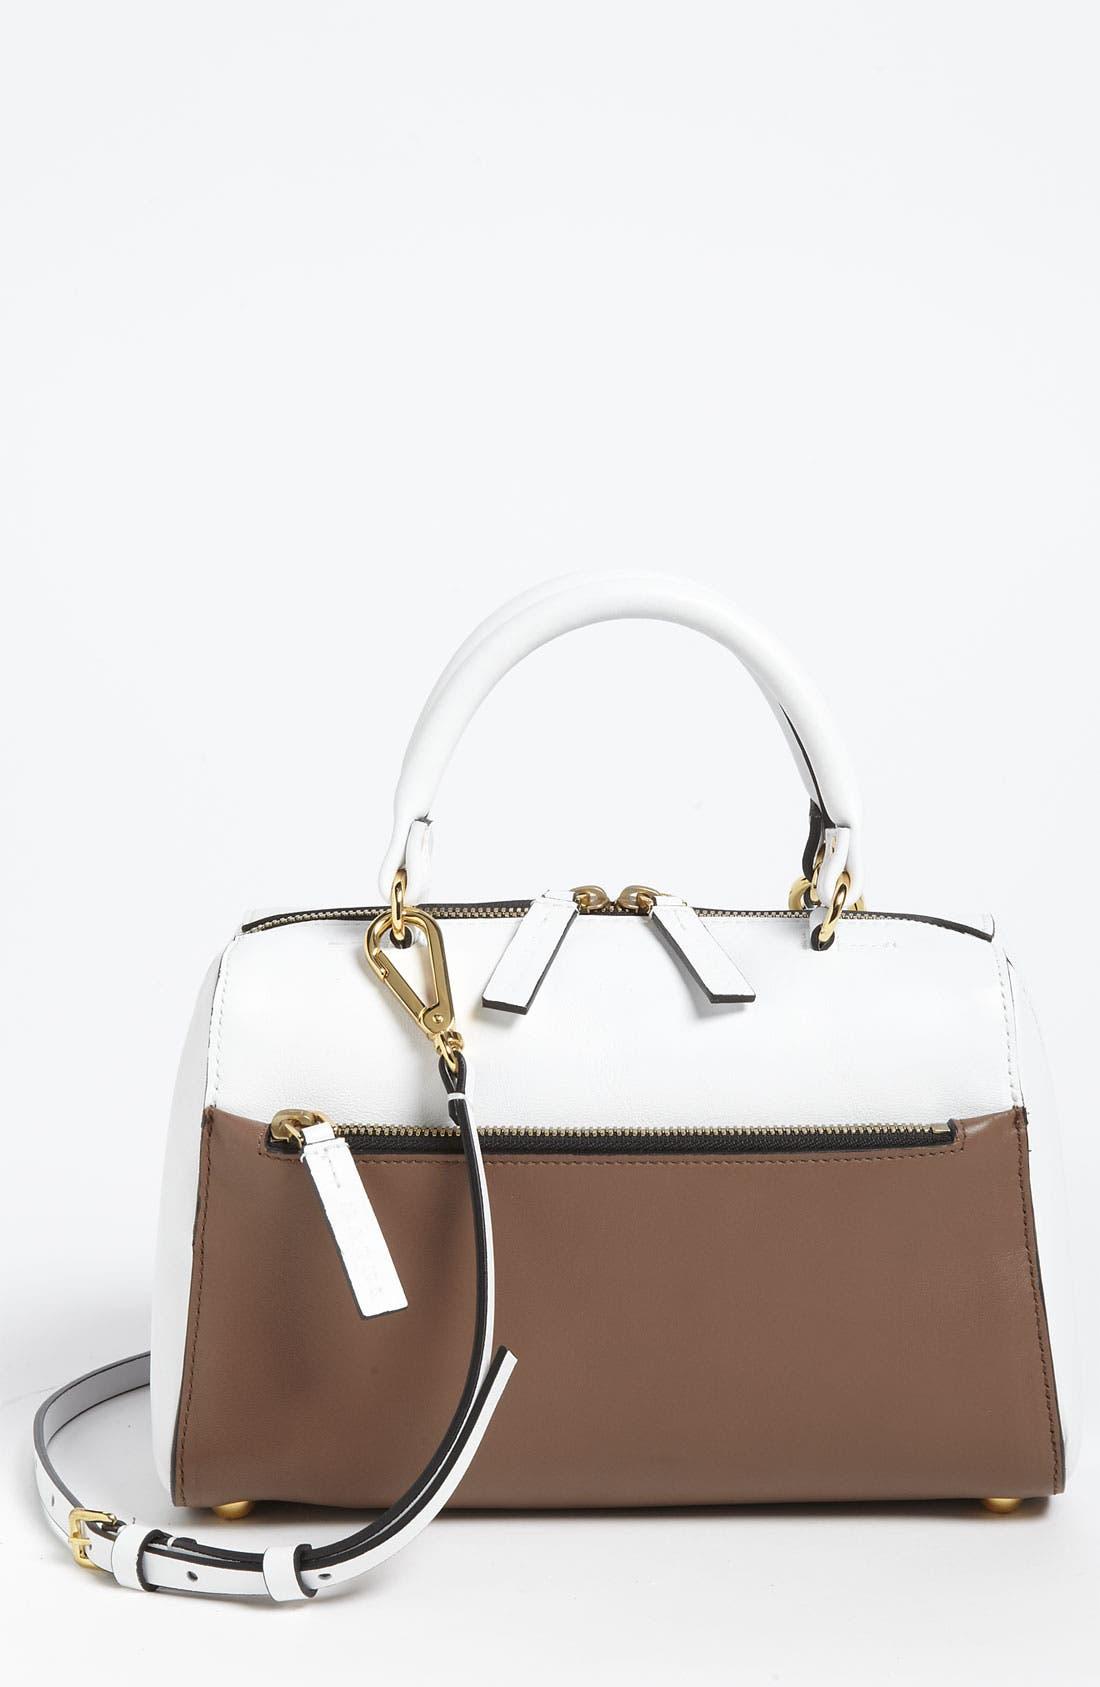 Alternate Image 1 Selected - Marni 'Mini' Crossbody Duffel Bag